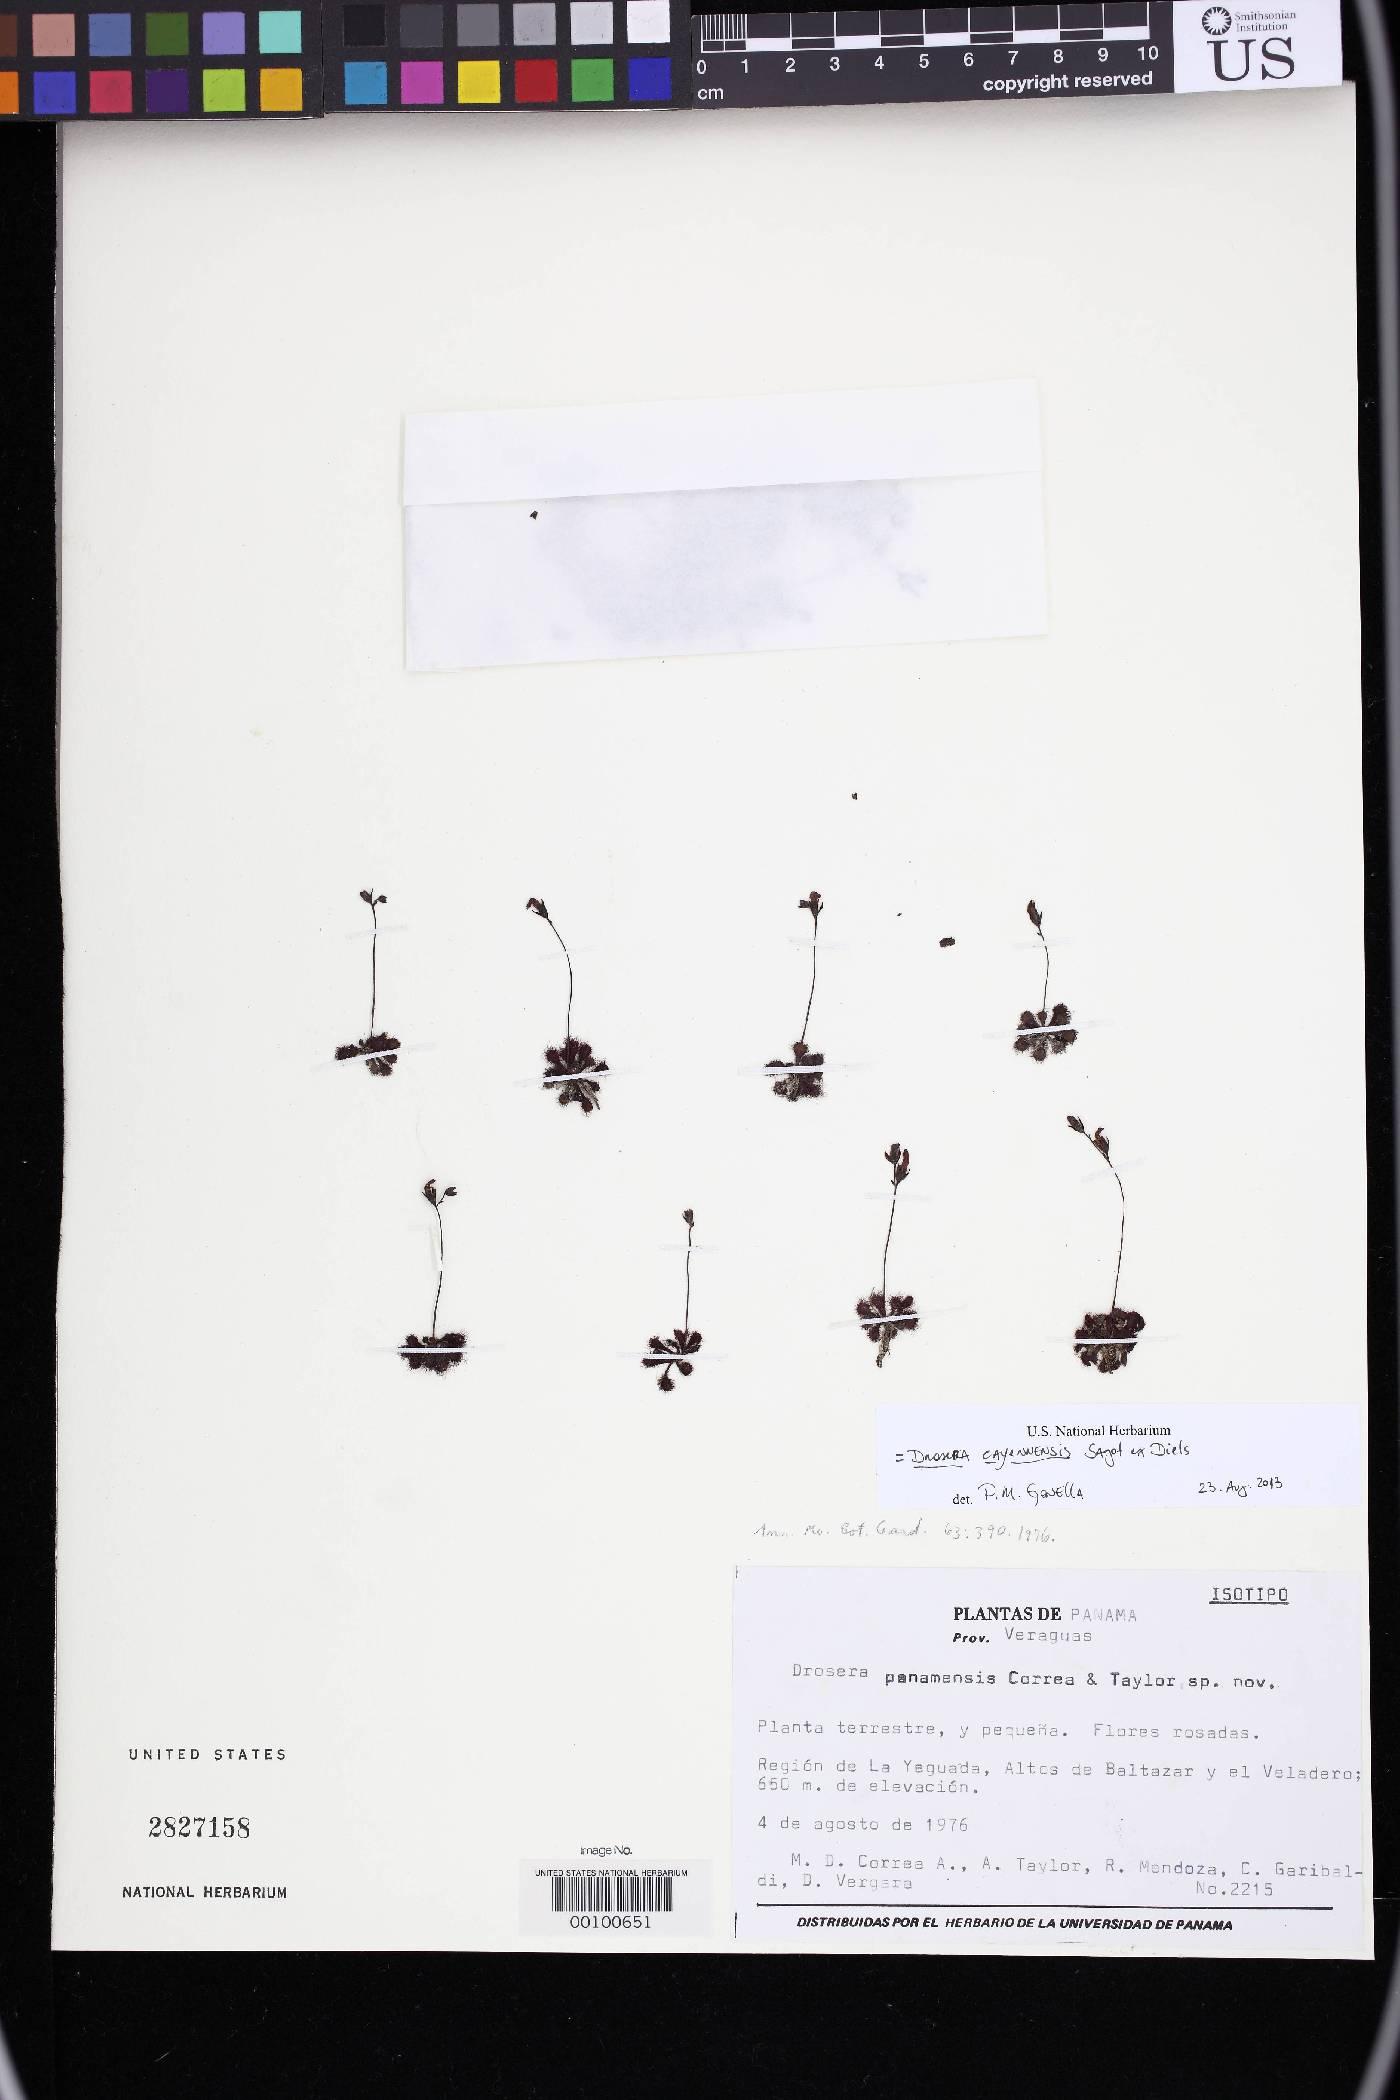 Drosera cayennensis image